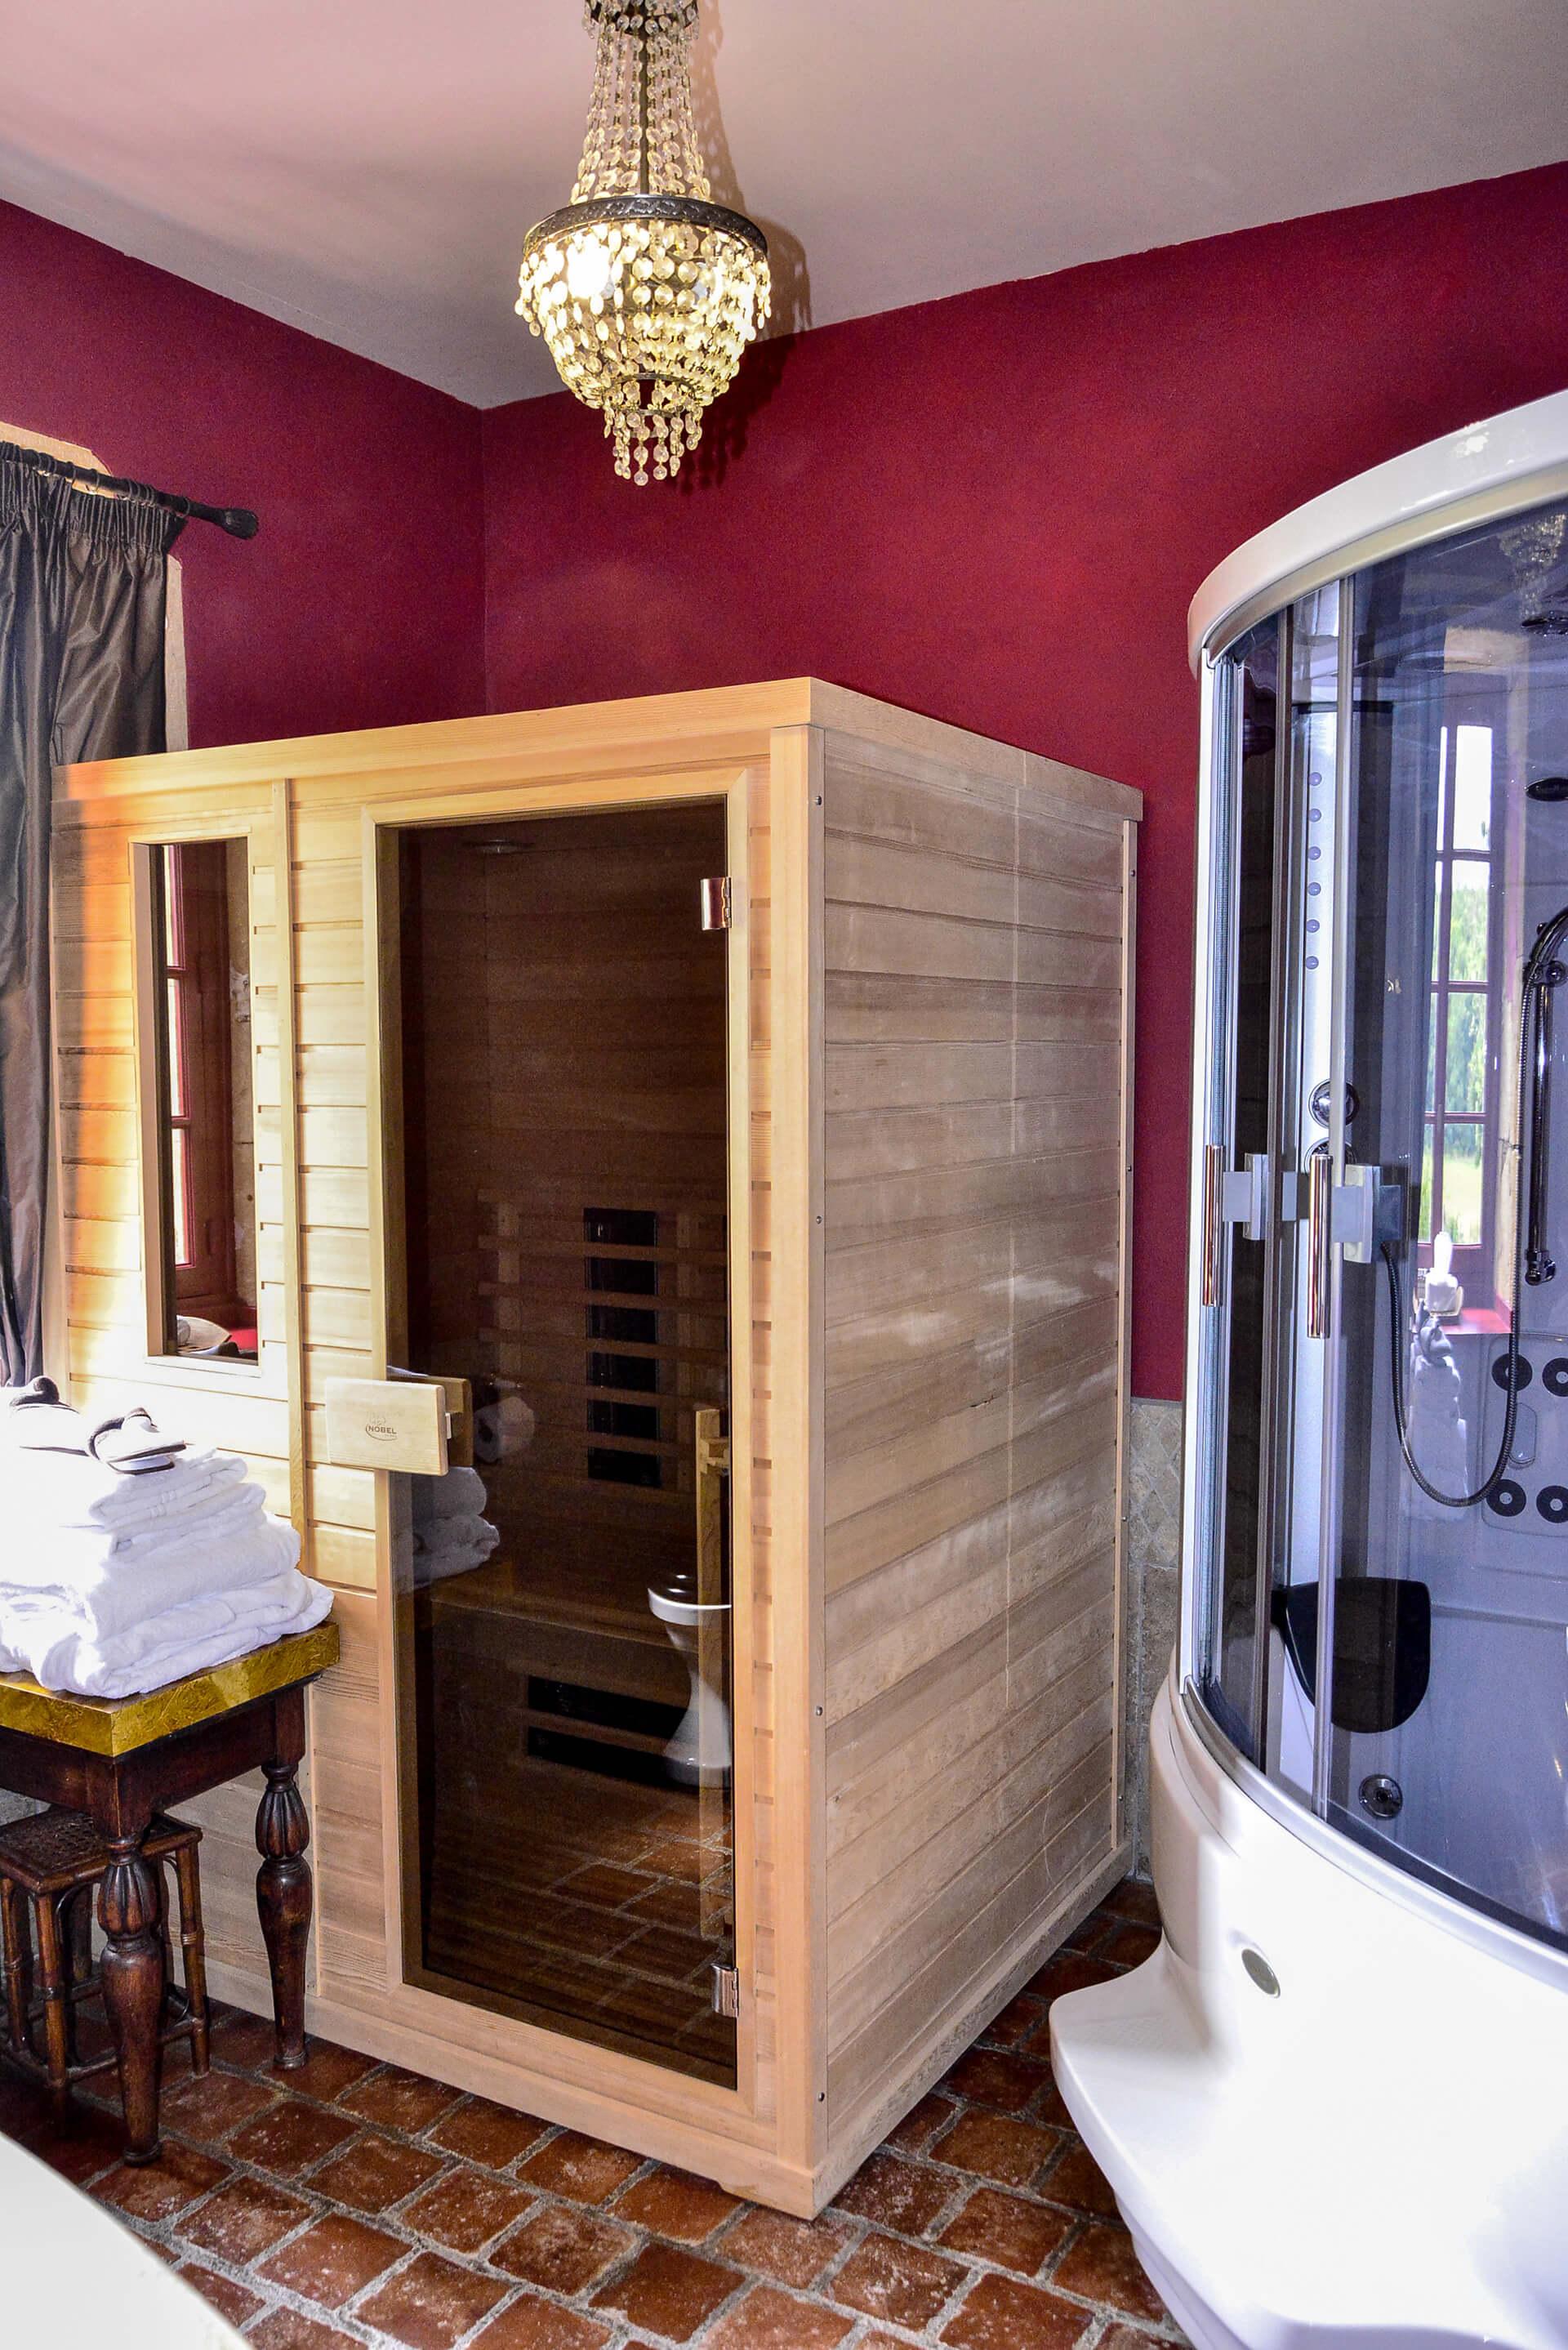 le ch teau d 39 origny chambres d 39 h tes roanne dans la loire 42. Black Bedroom Furniture Sets. Home Design Ideas